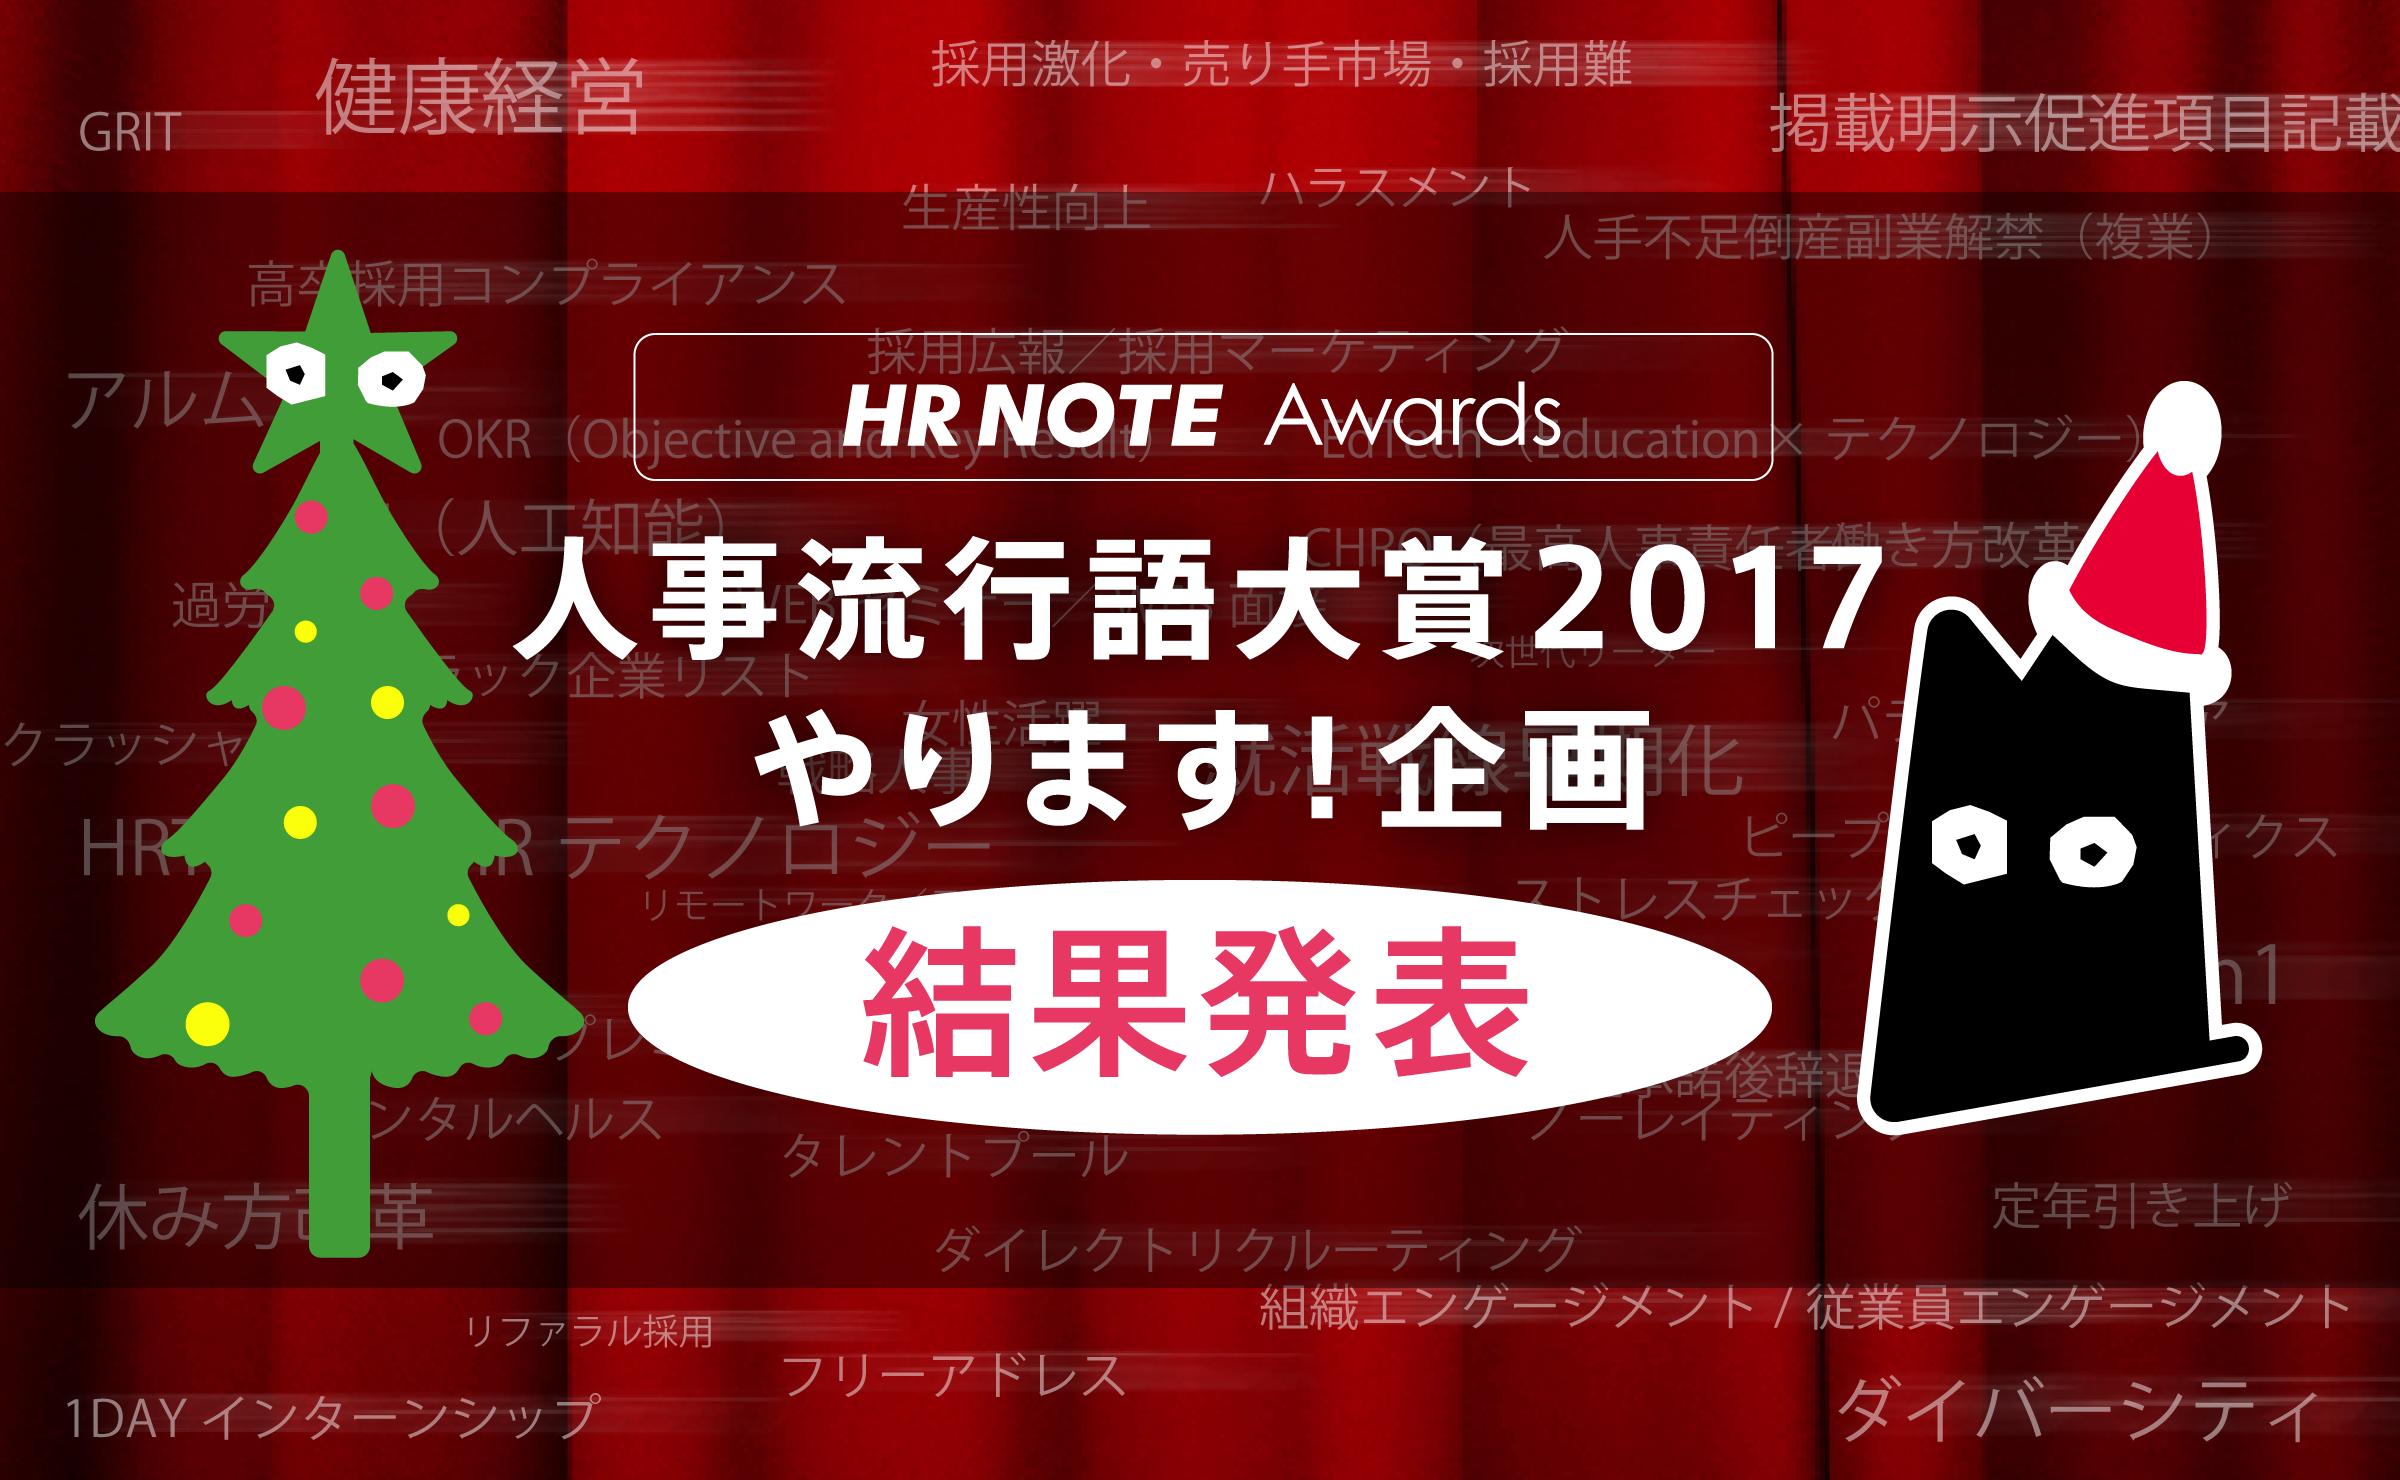 【結果発表!】人事が2017年に一番注目した人事ワードは・・・?#勝手に人事流行語大賞2017